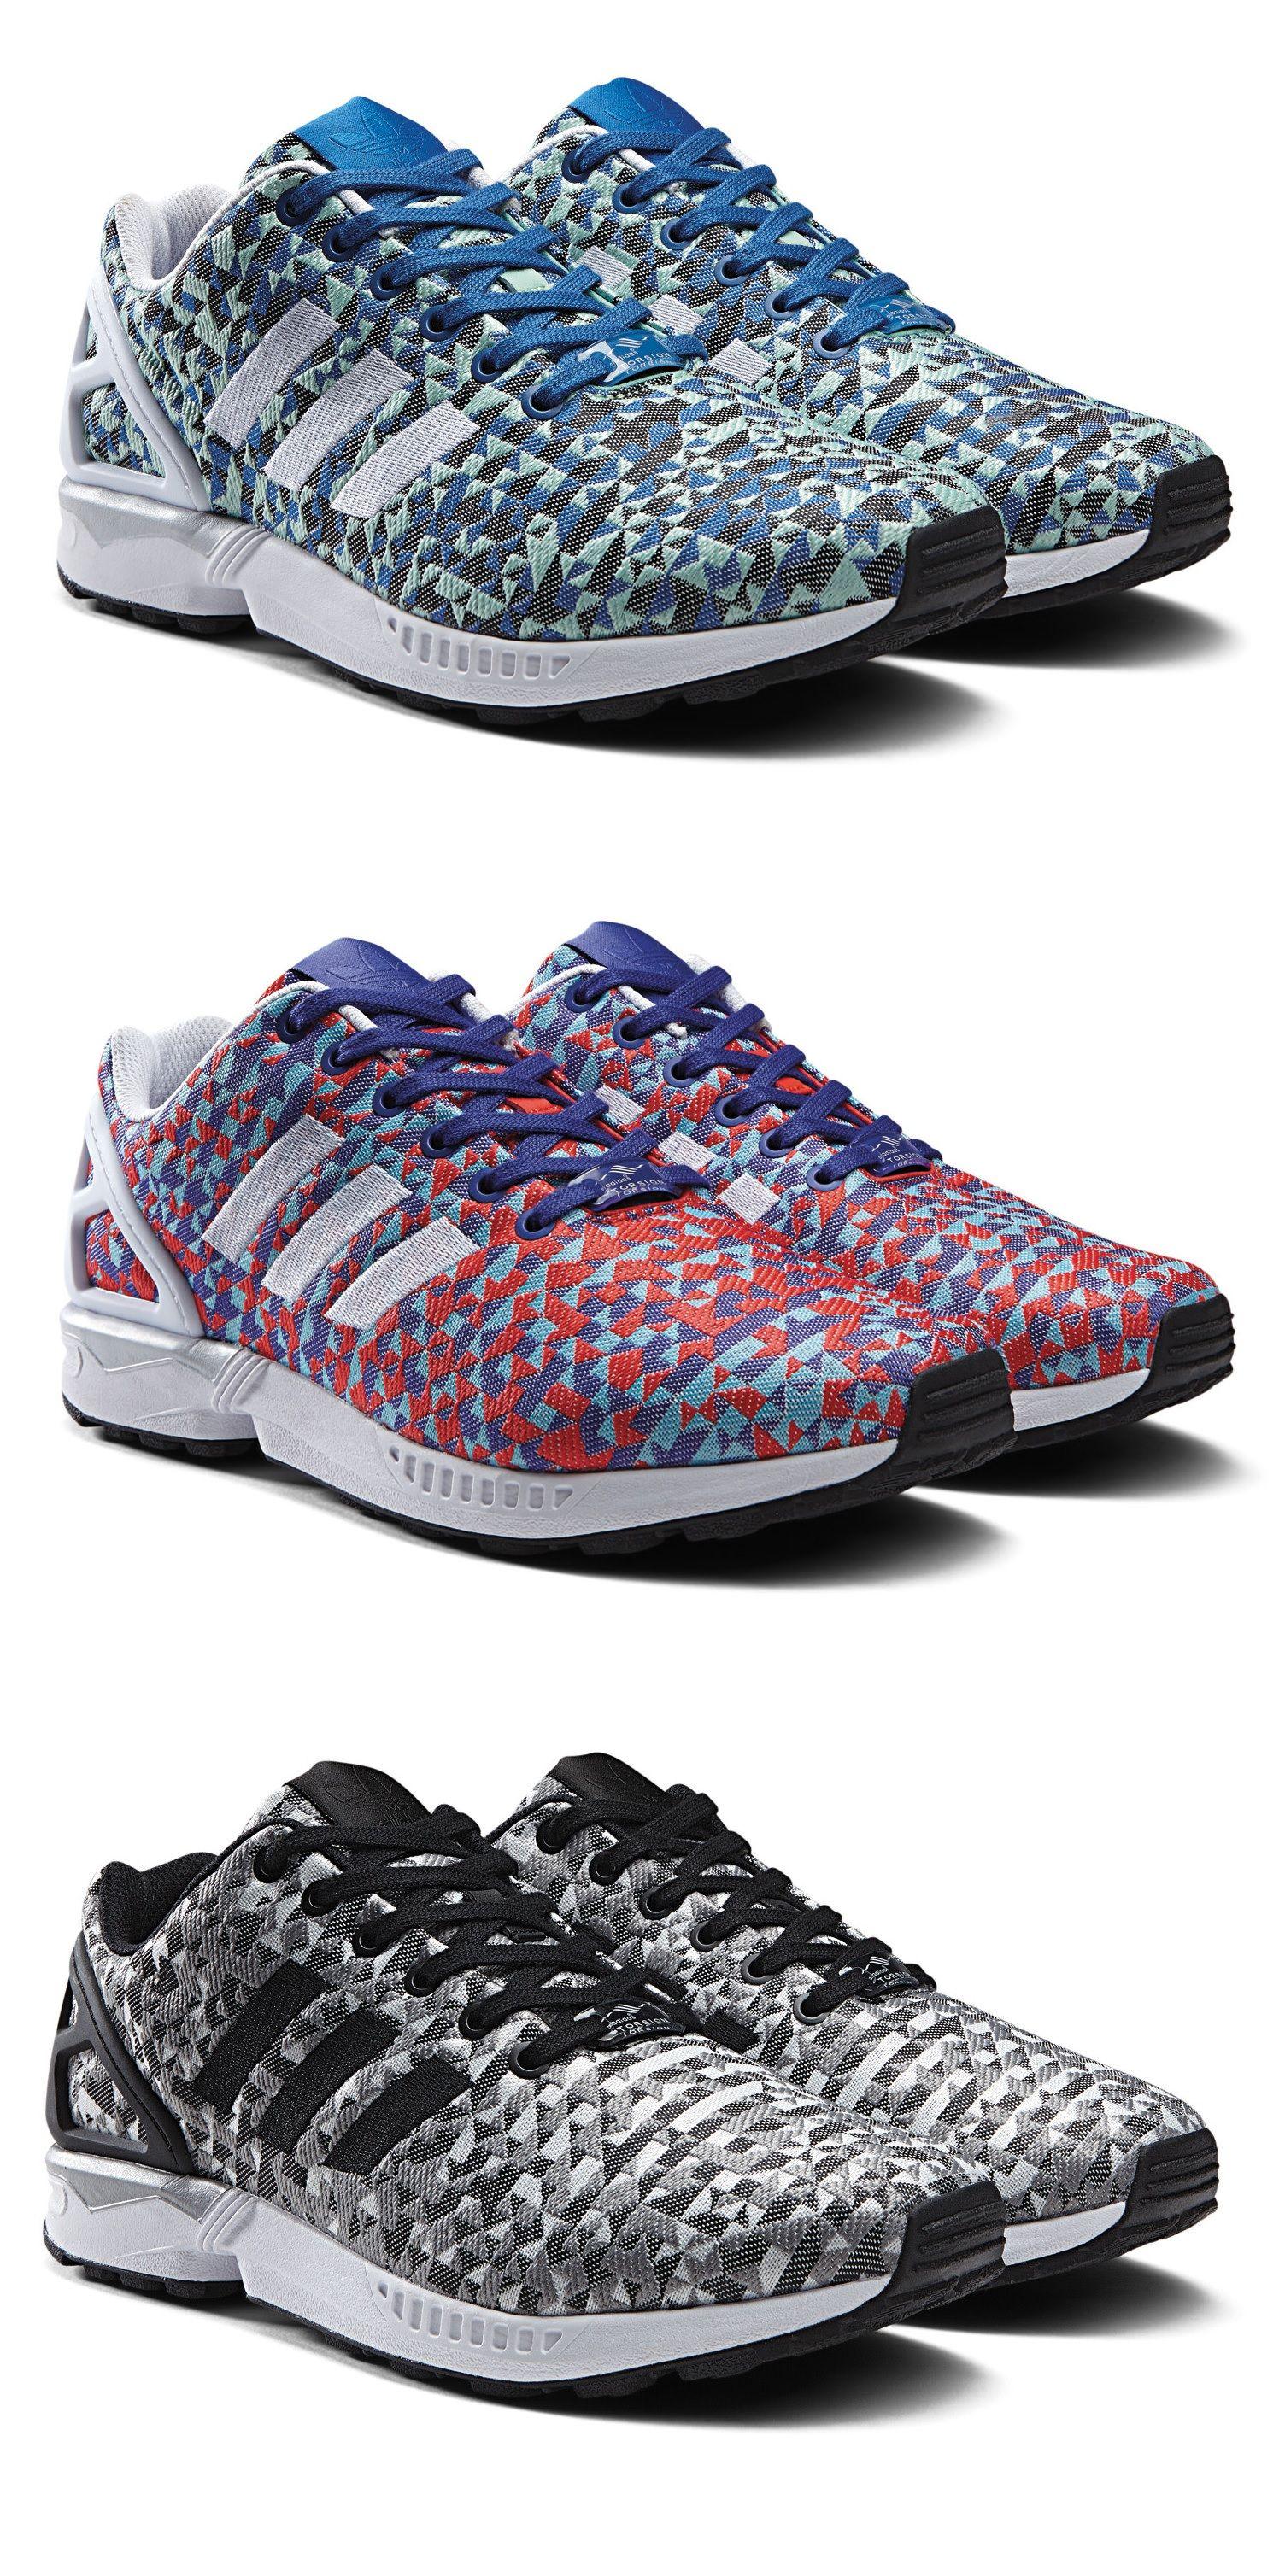 pas cher pour réduction af852 aeda7 adidas ZX Flux Prism Pack | Happy Feet | Nike shoes, Shoes ...